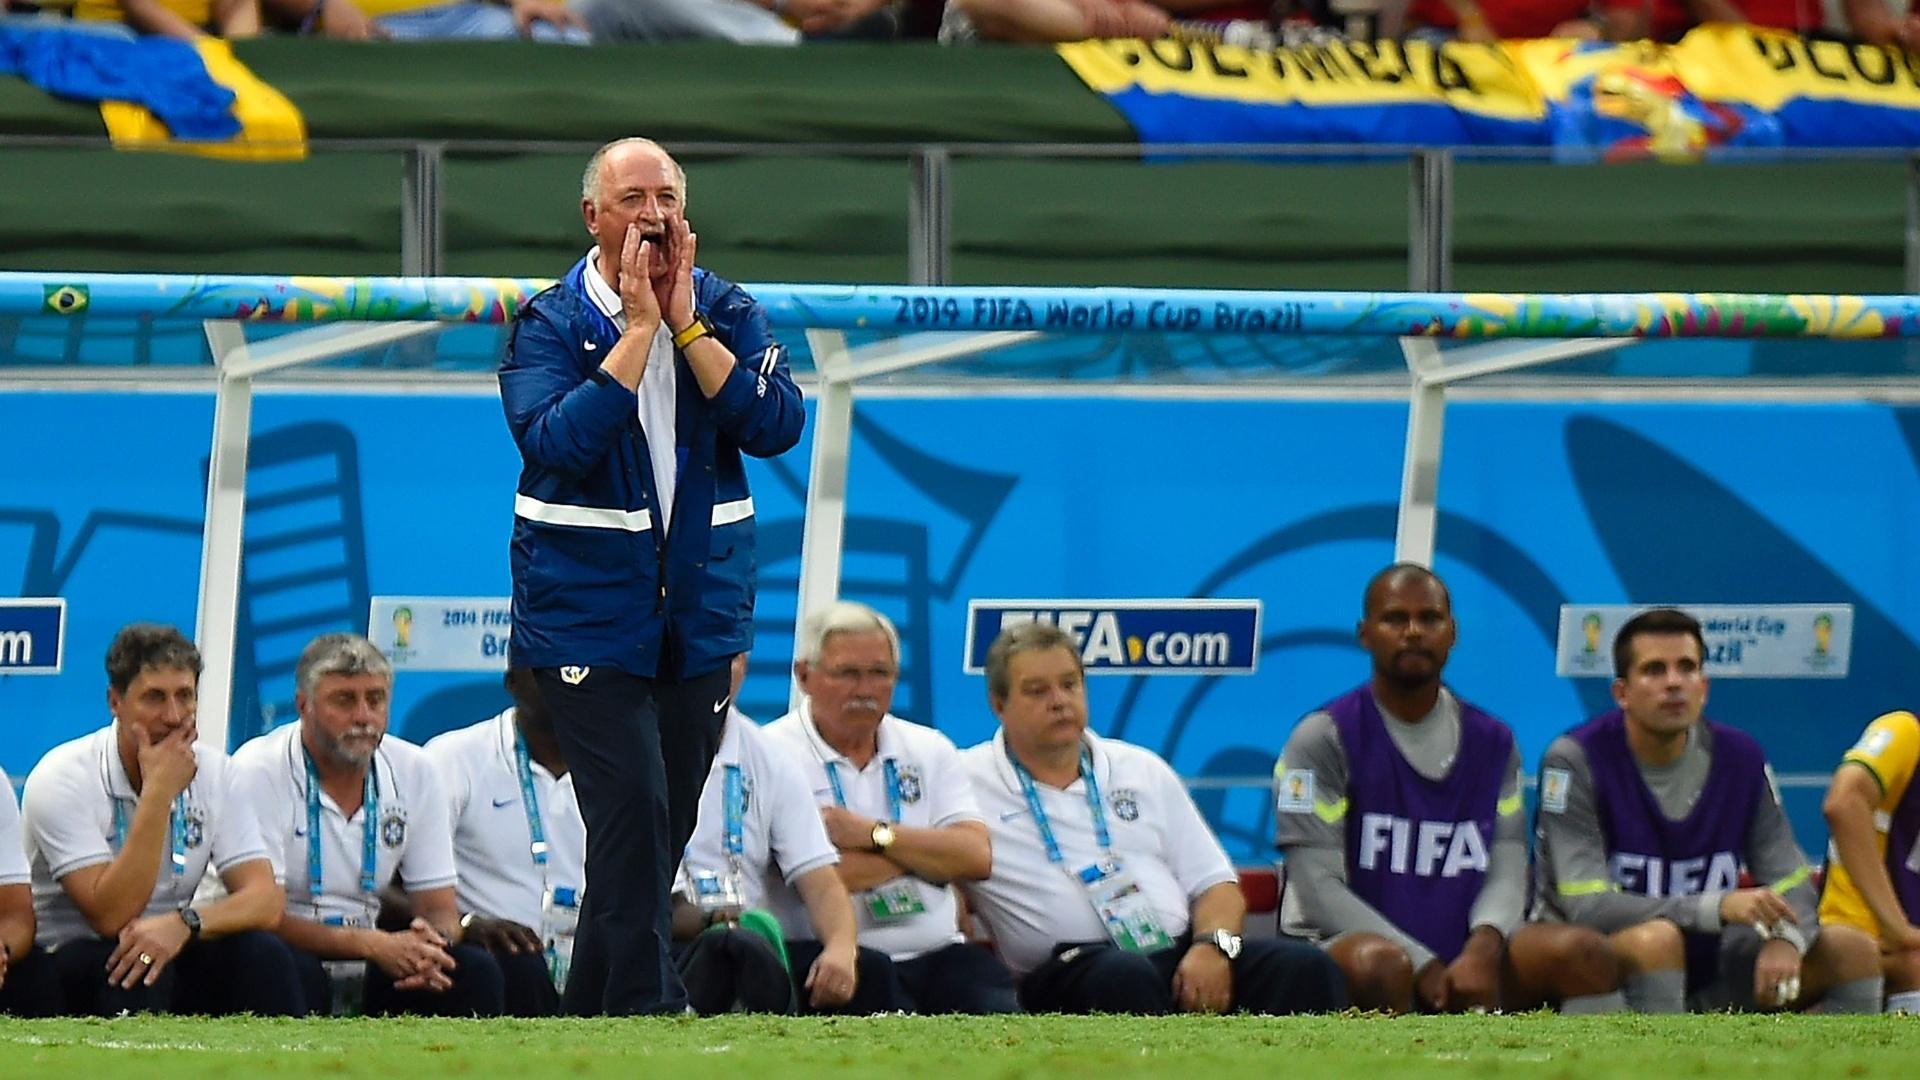 04.jul.2014 - Felipão reclama com os jogadores da seleção durante o primeiro tempo contra a Colômbia, no Castelão